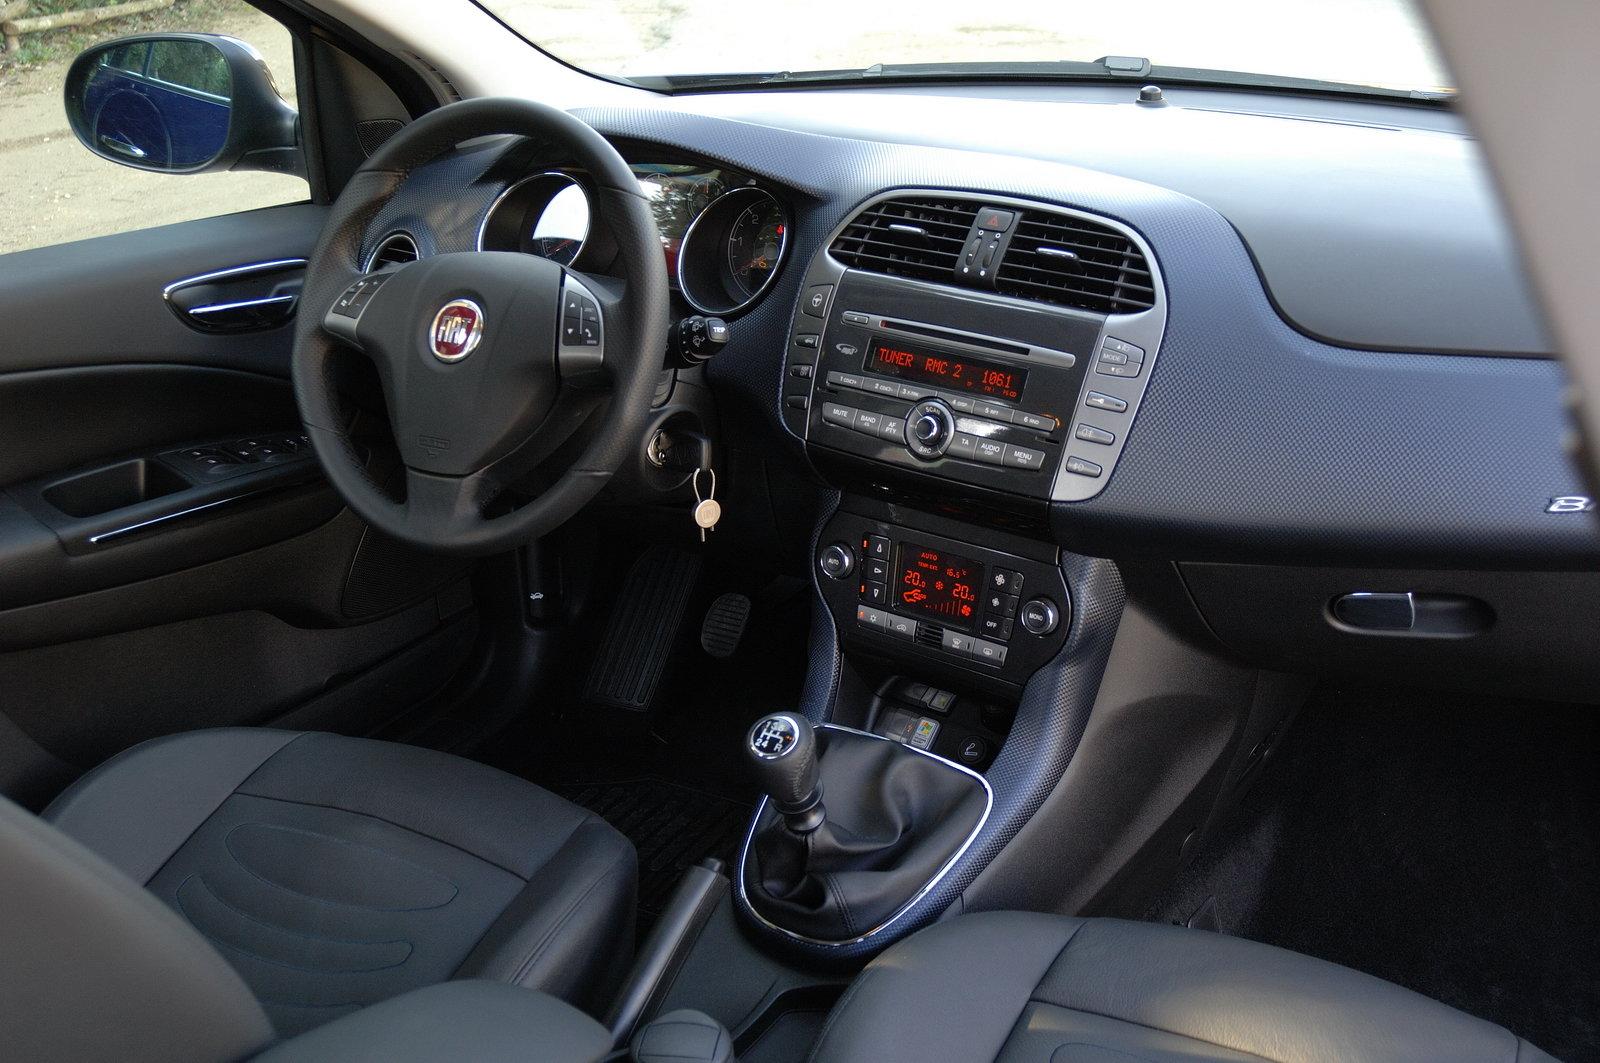 Prova Fiat Bravo Scheda Tecnica Opinioni E Dimensioni 1 6 Multijet 16v 105 Cv Emotion